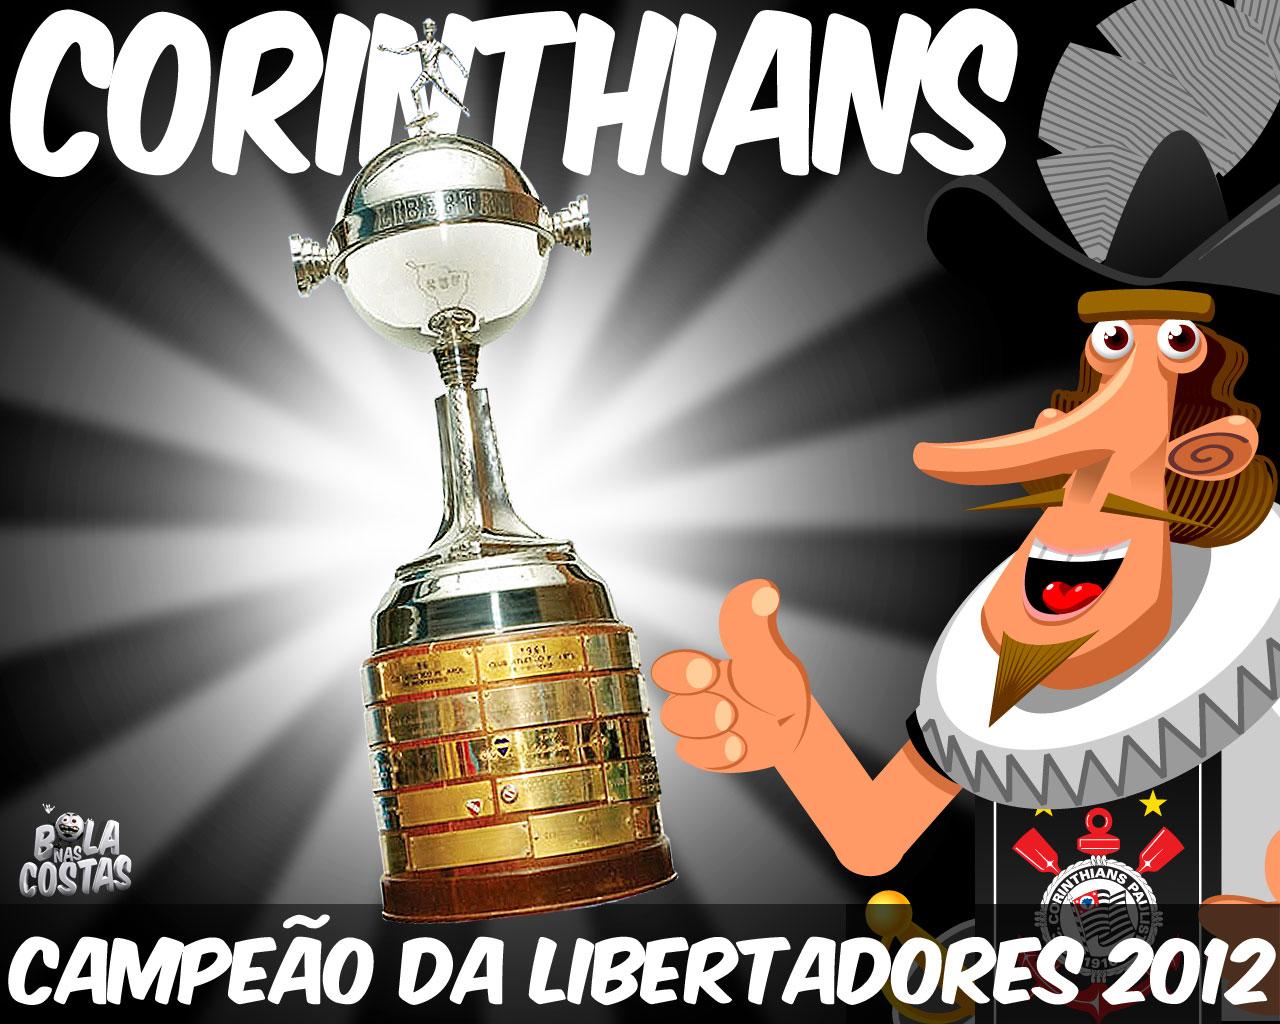 Wallpaper Corinthians Campeão da Libertadores 2012 - 03